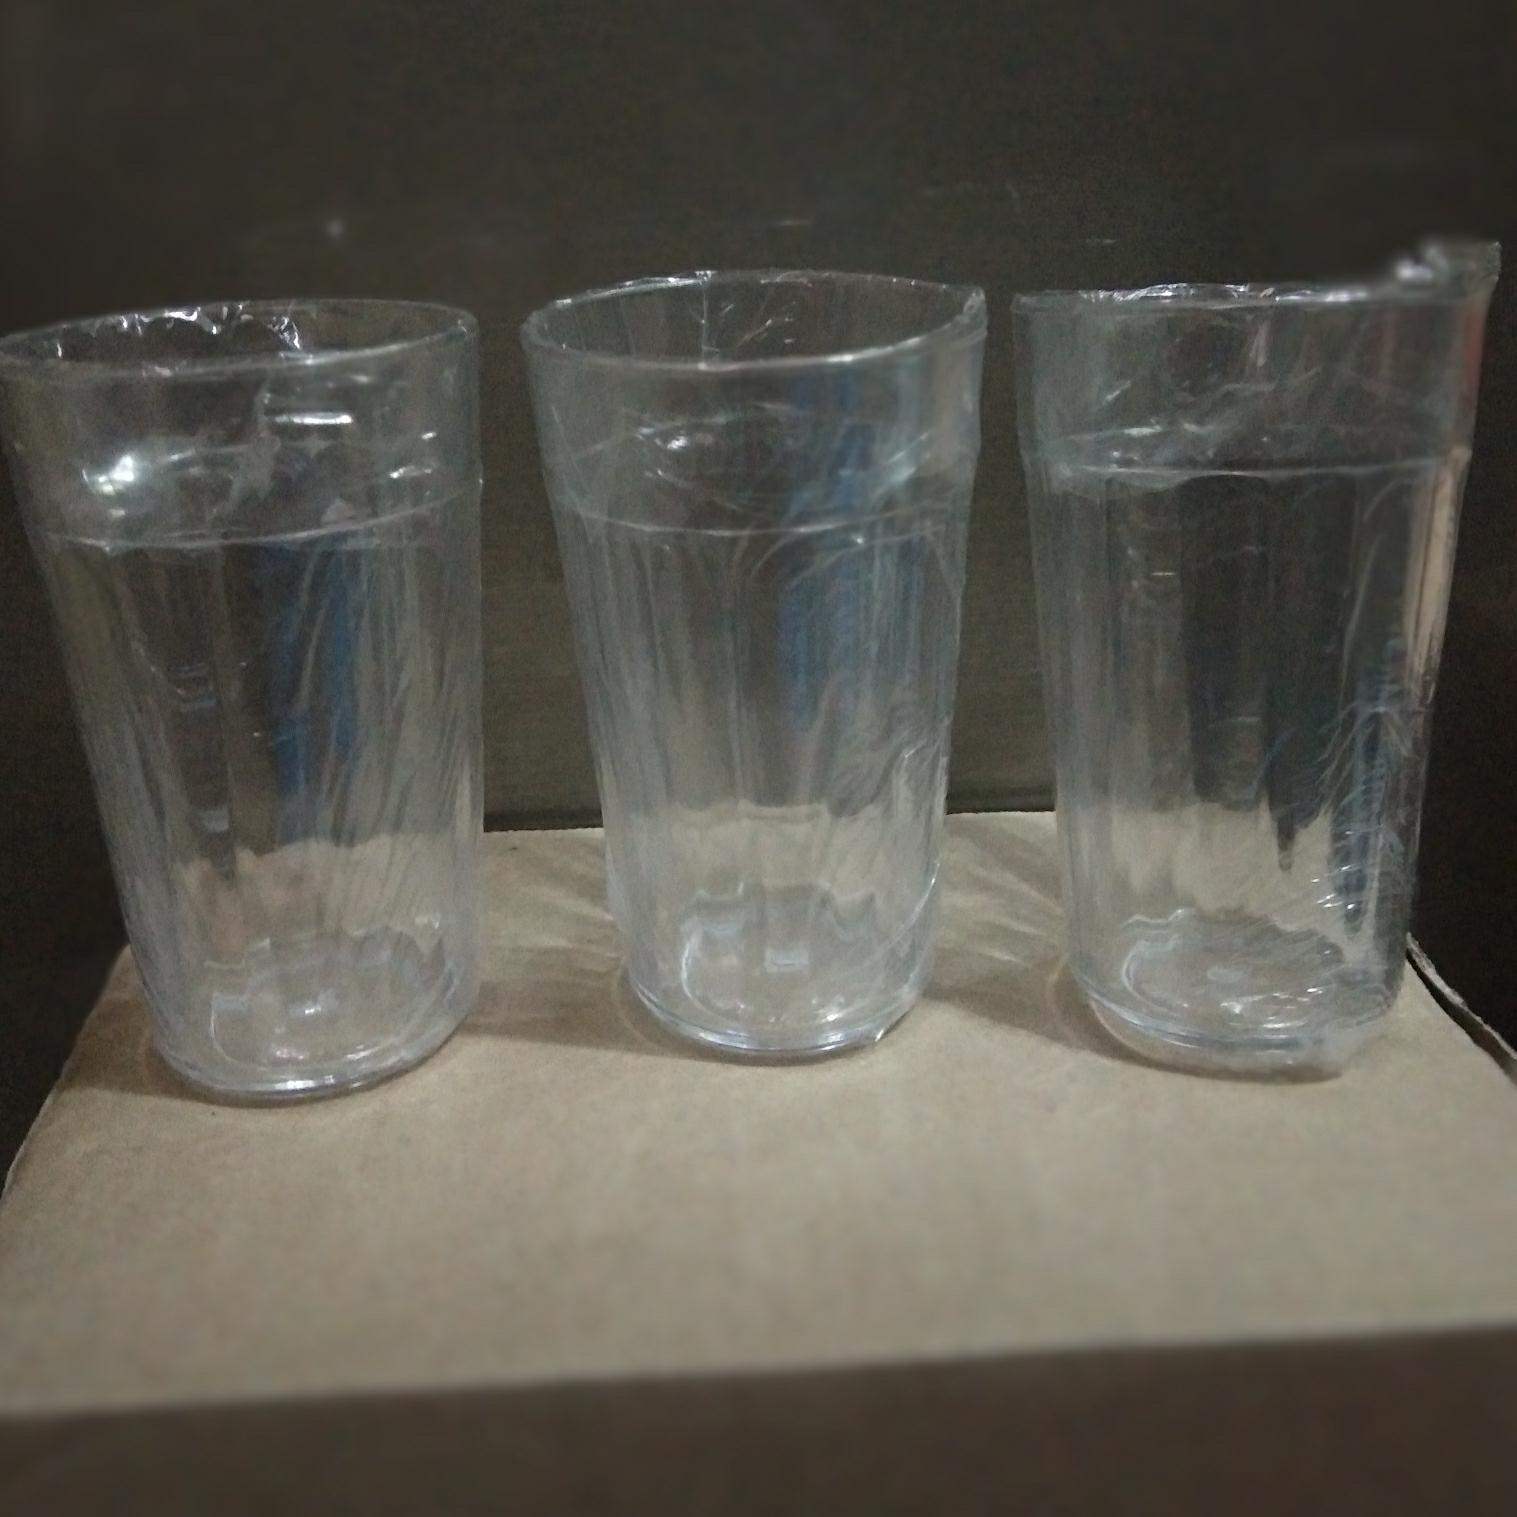 Gelas Plastik Bening Murah Harga Grosir 3pcs By Nawan36.